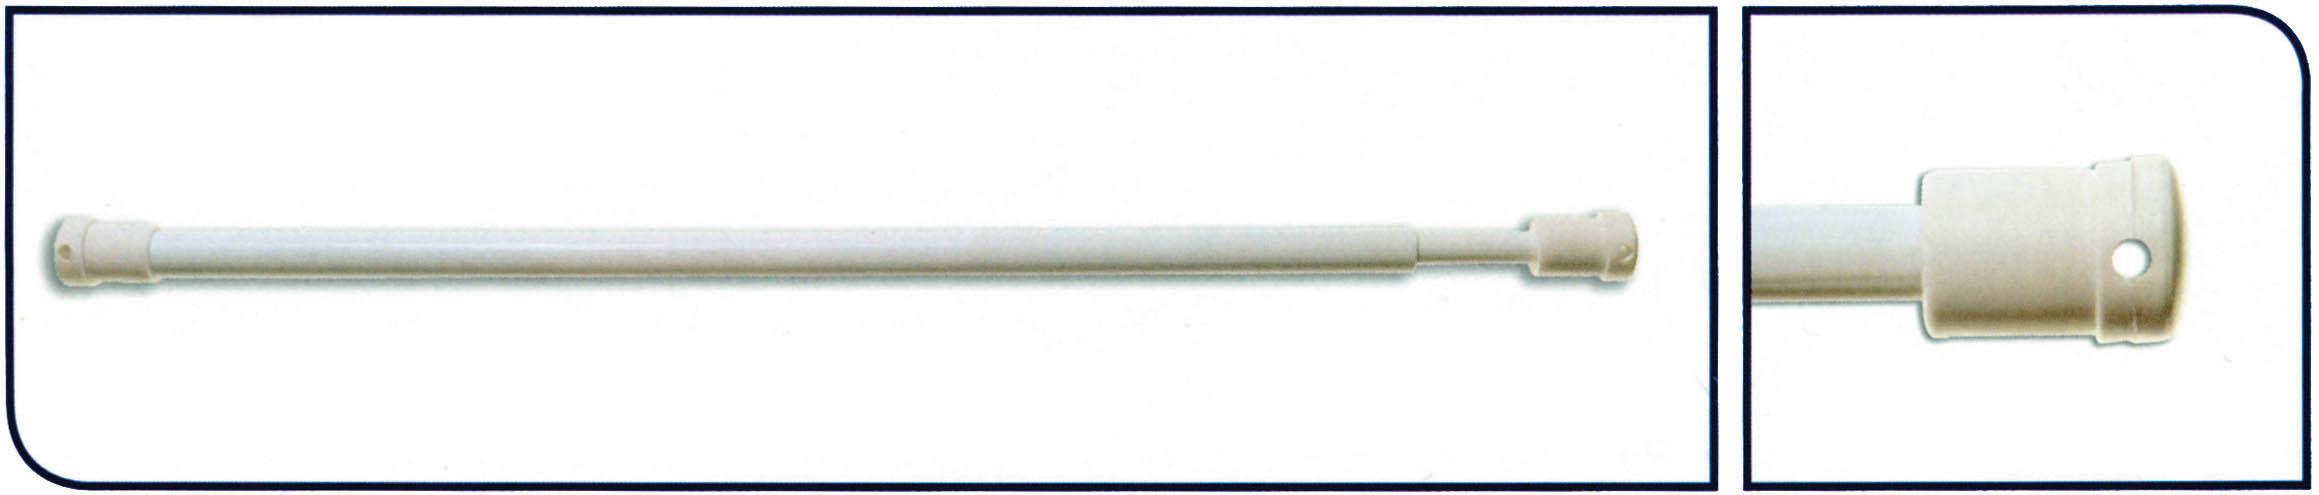 BRIS PLAST TONDO BL 2 CM50-70